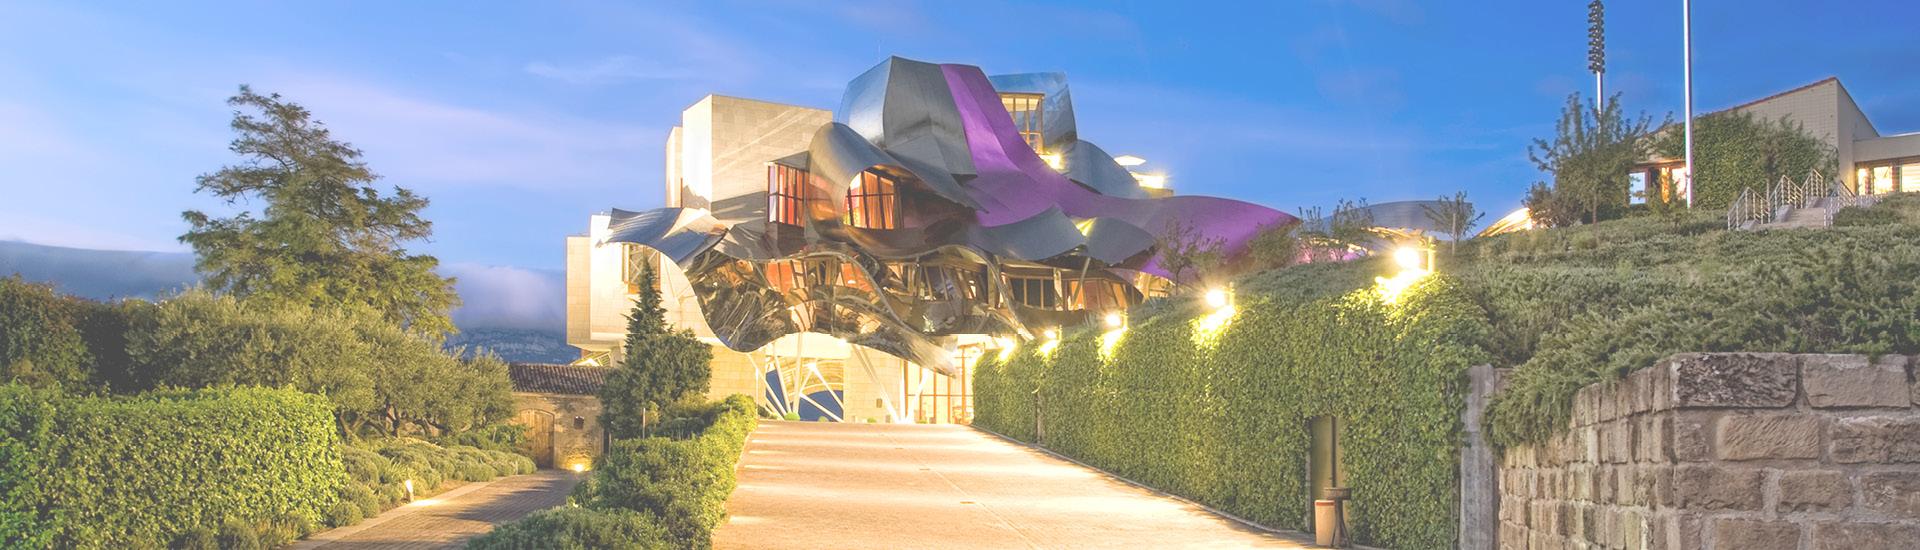 """Weine - Rarität des Monats: Rioja Gran Reserva """"150 Aniversario"""" 2010 11/2018 - Slider"""